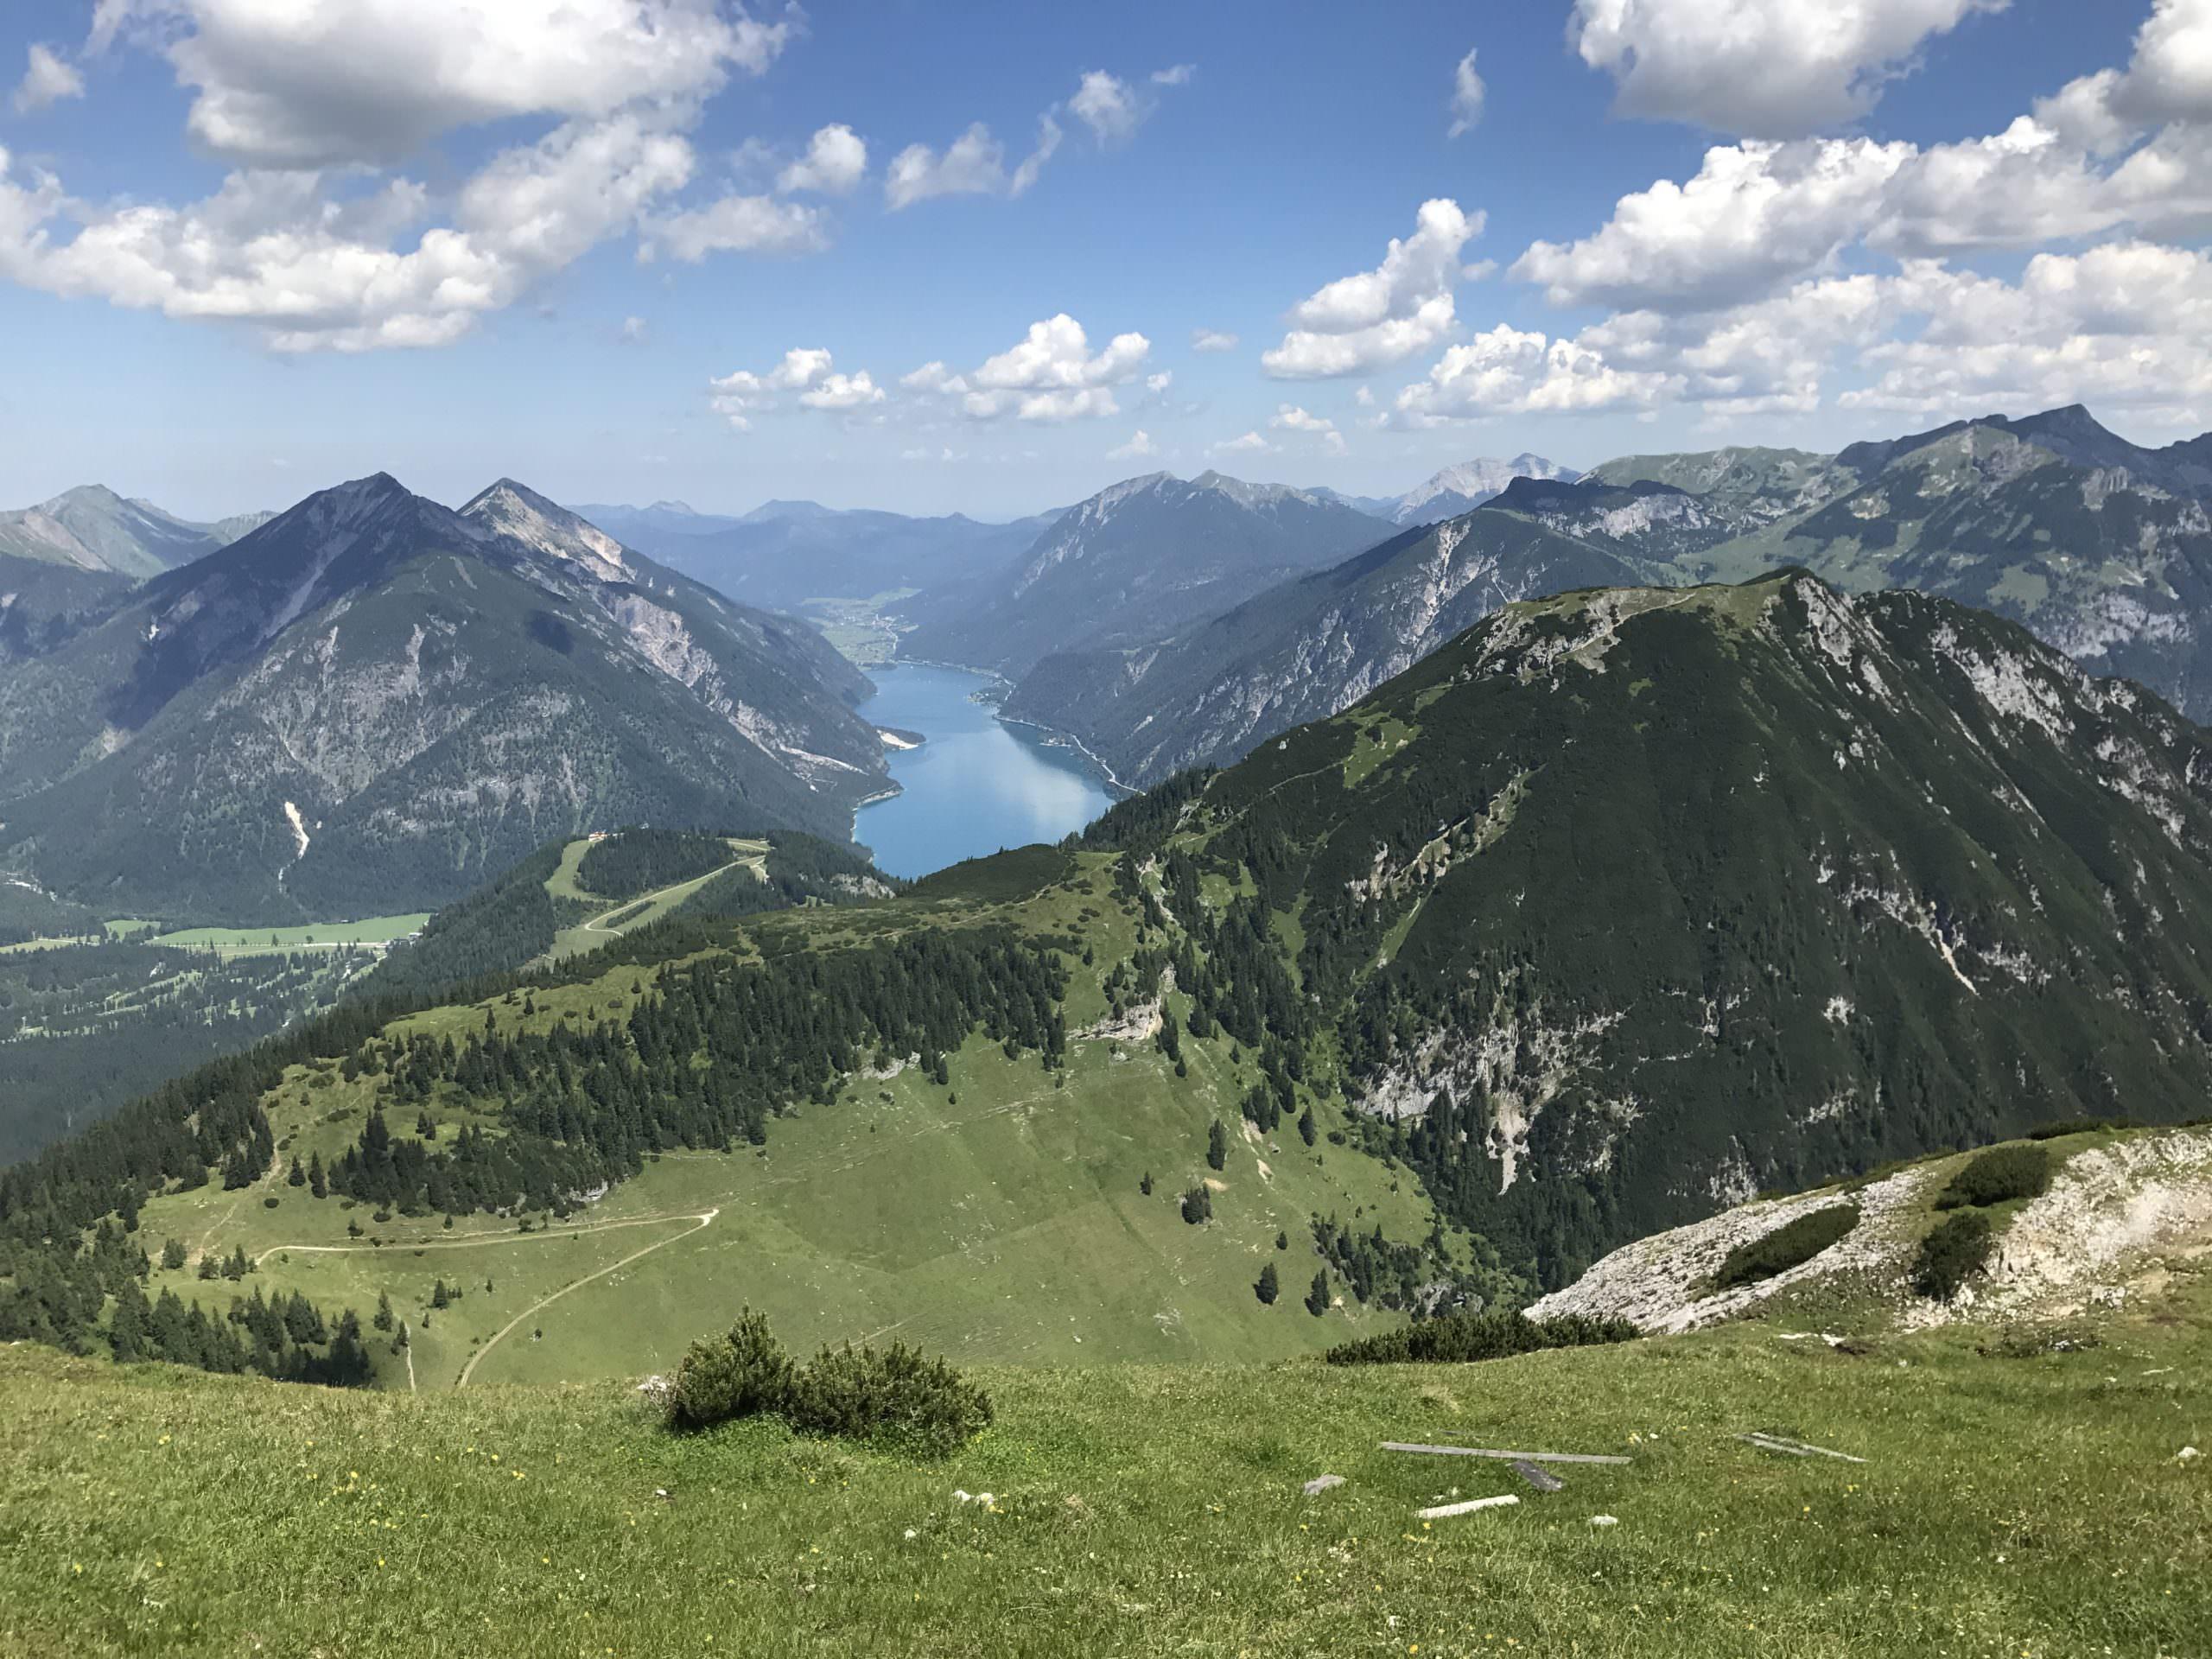 Das ist der Ausblick vom Stanser Joch in Richtung Achensee mit dem Karwendel und dem Rofan